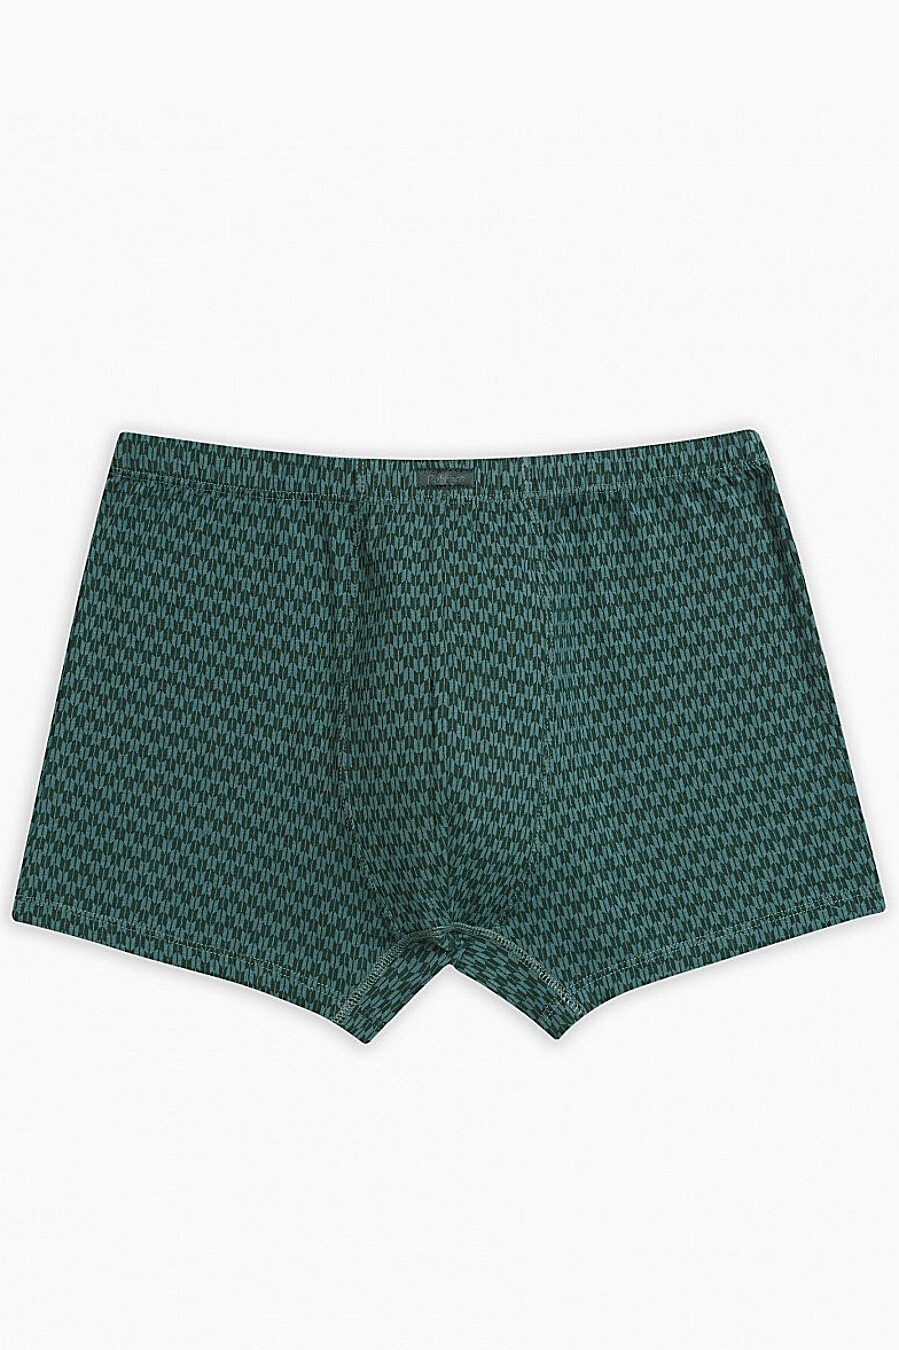 Трусы для мужчин PELICAN 123682 купить оптом от производителя. Совместная покупка мужской одежды в OptMoyo